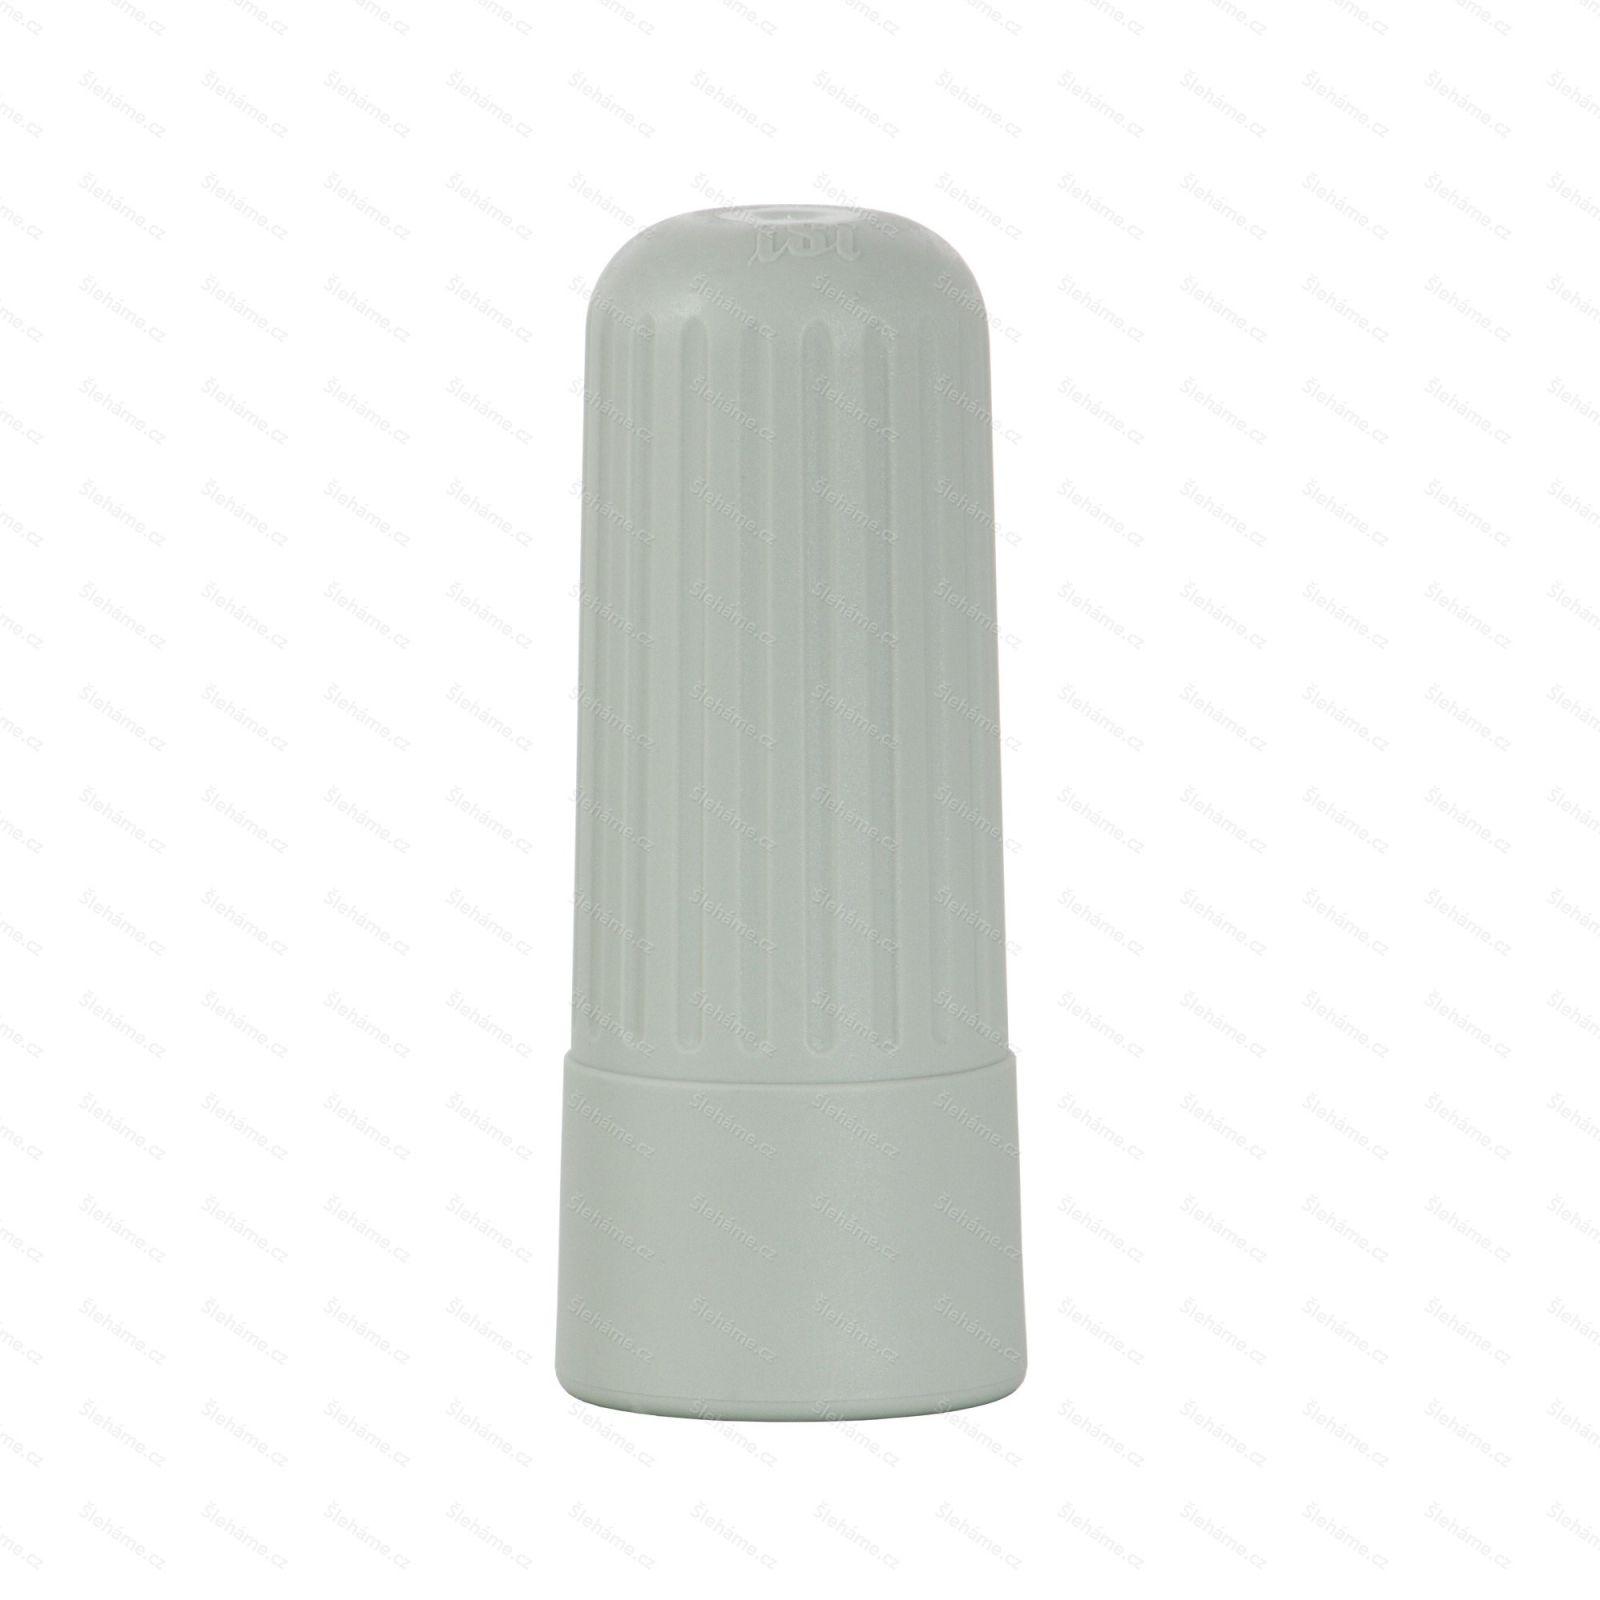 Držák bombičky iSi, šedý (vnitřní závit)